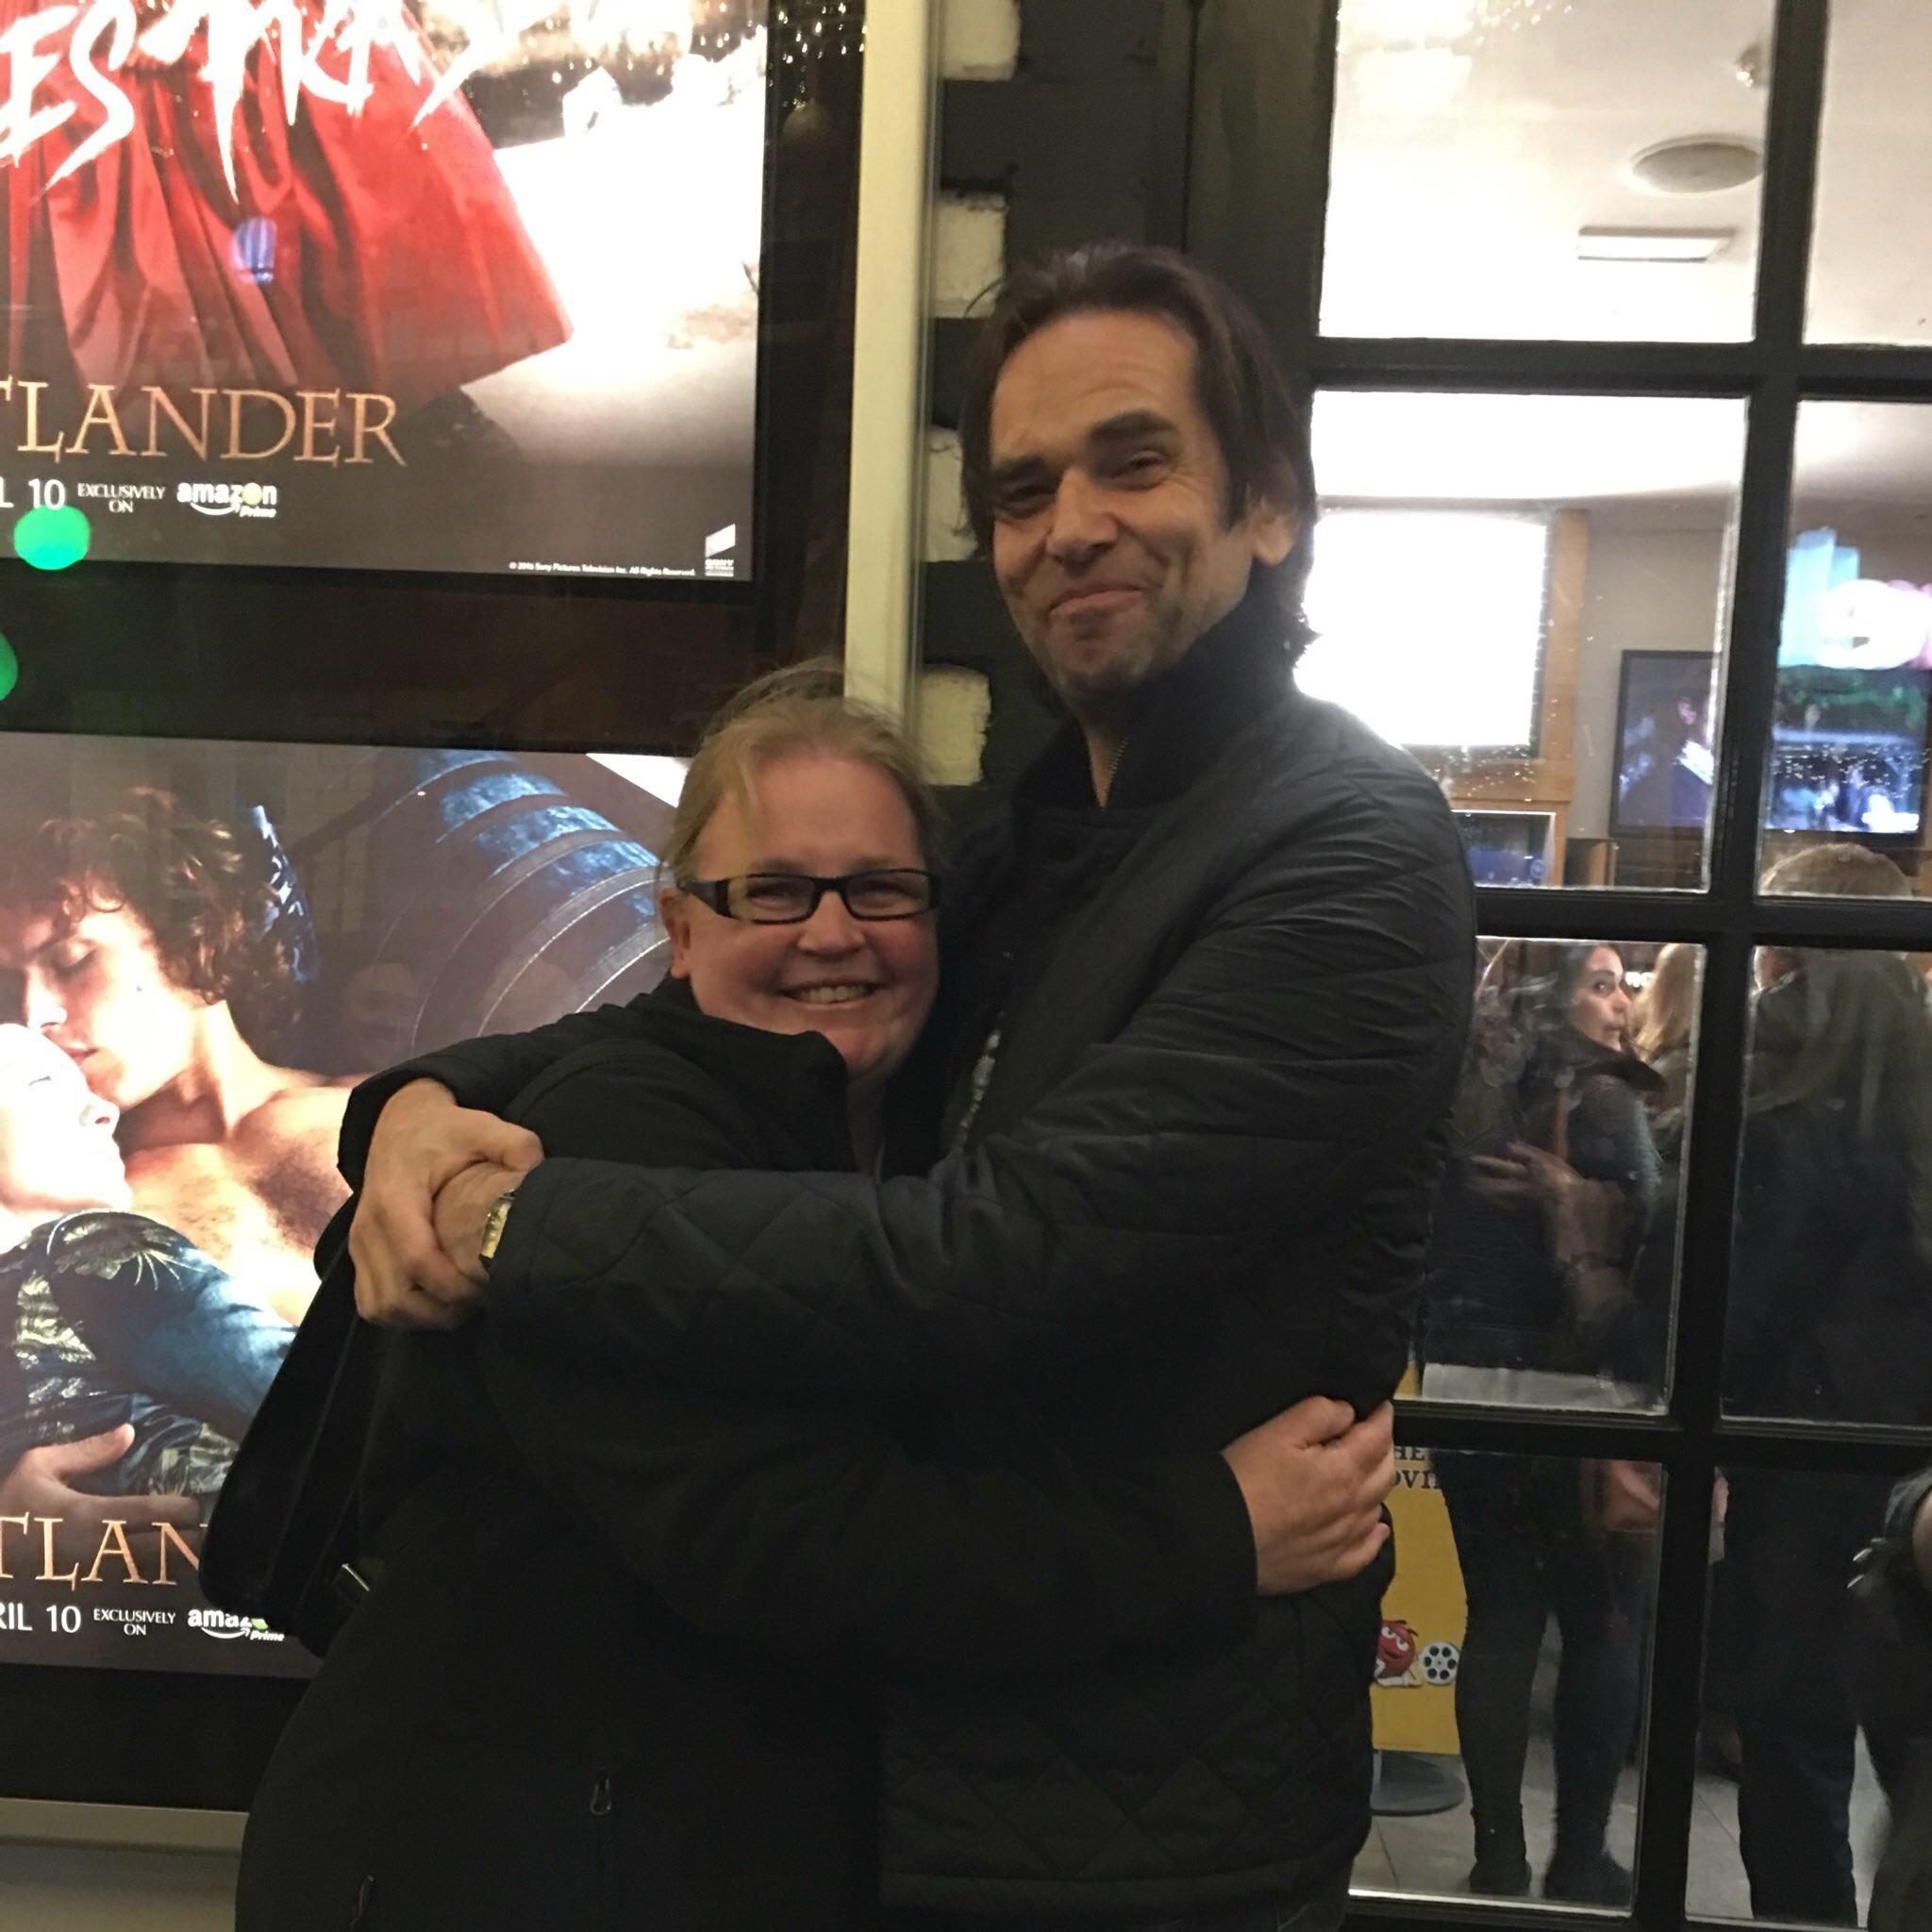 Sam met Duncan Lacroix